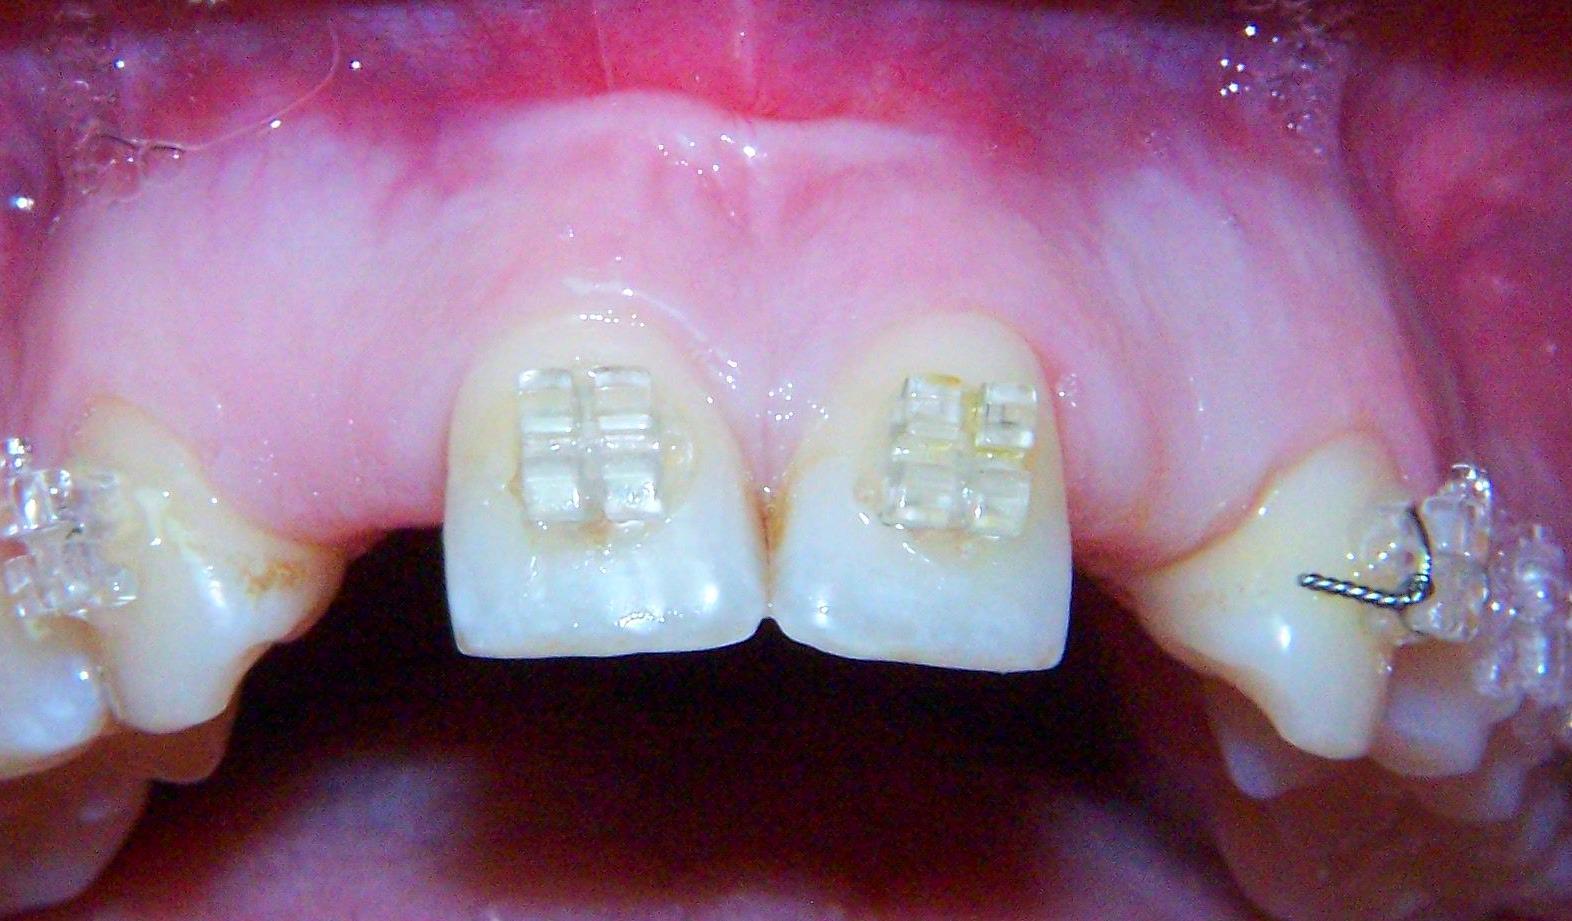 implantes en agenesia: Tratamientos Dentales de Clínica Dental Dra. Silvia Conca Chiumello